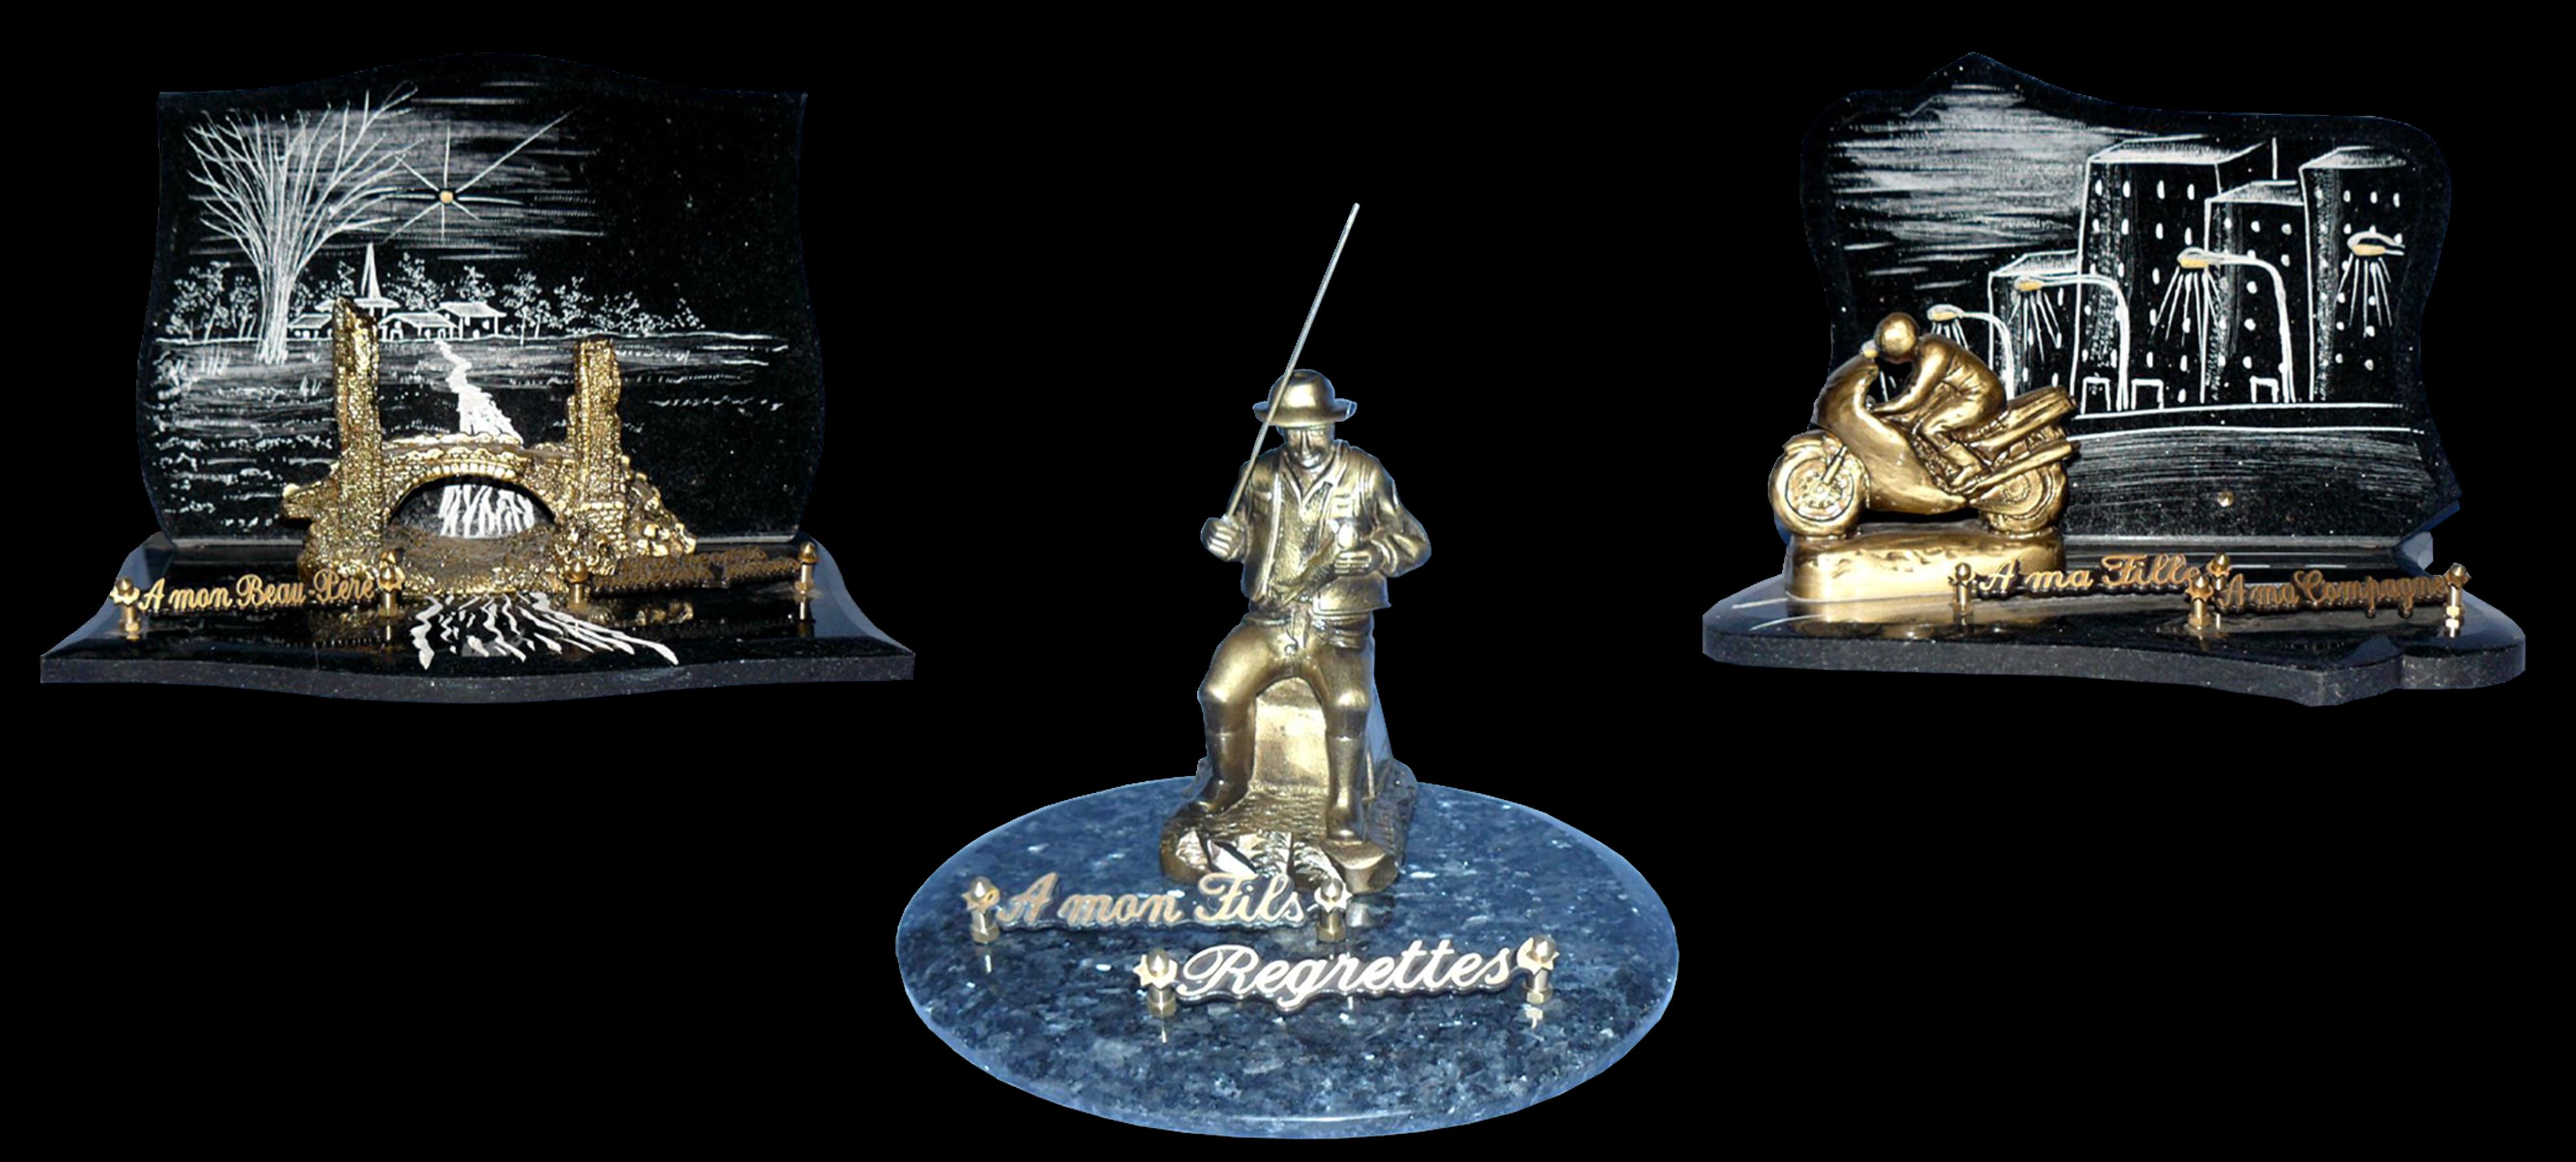 Image réprésentative de la catégorie Sujet funéraire